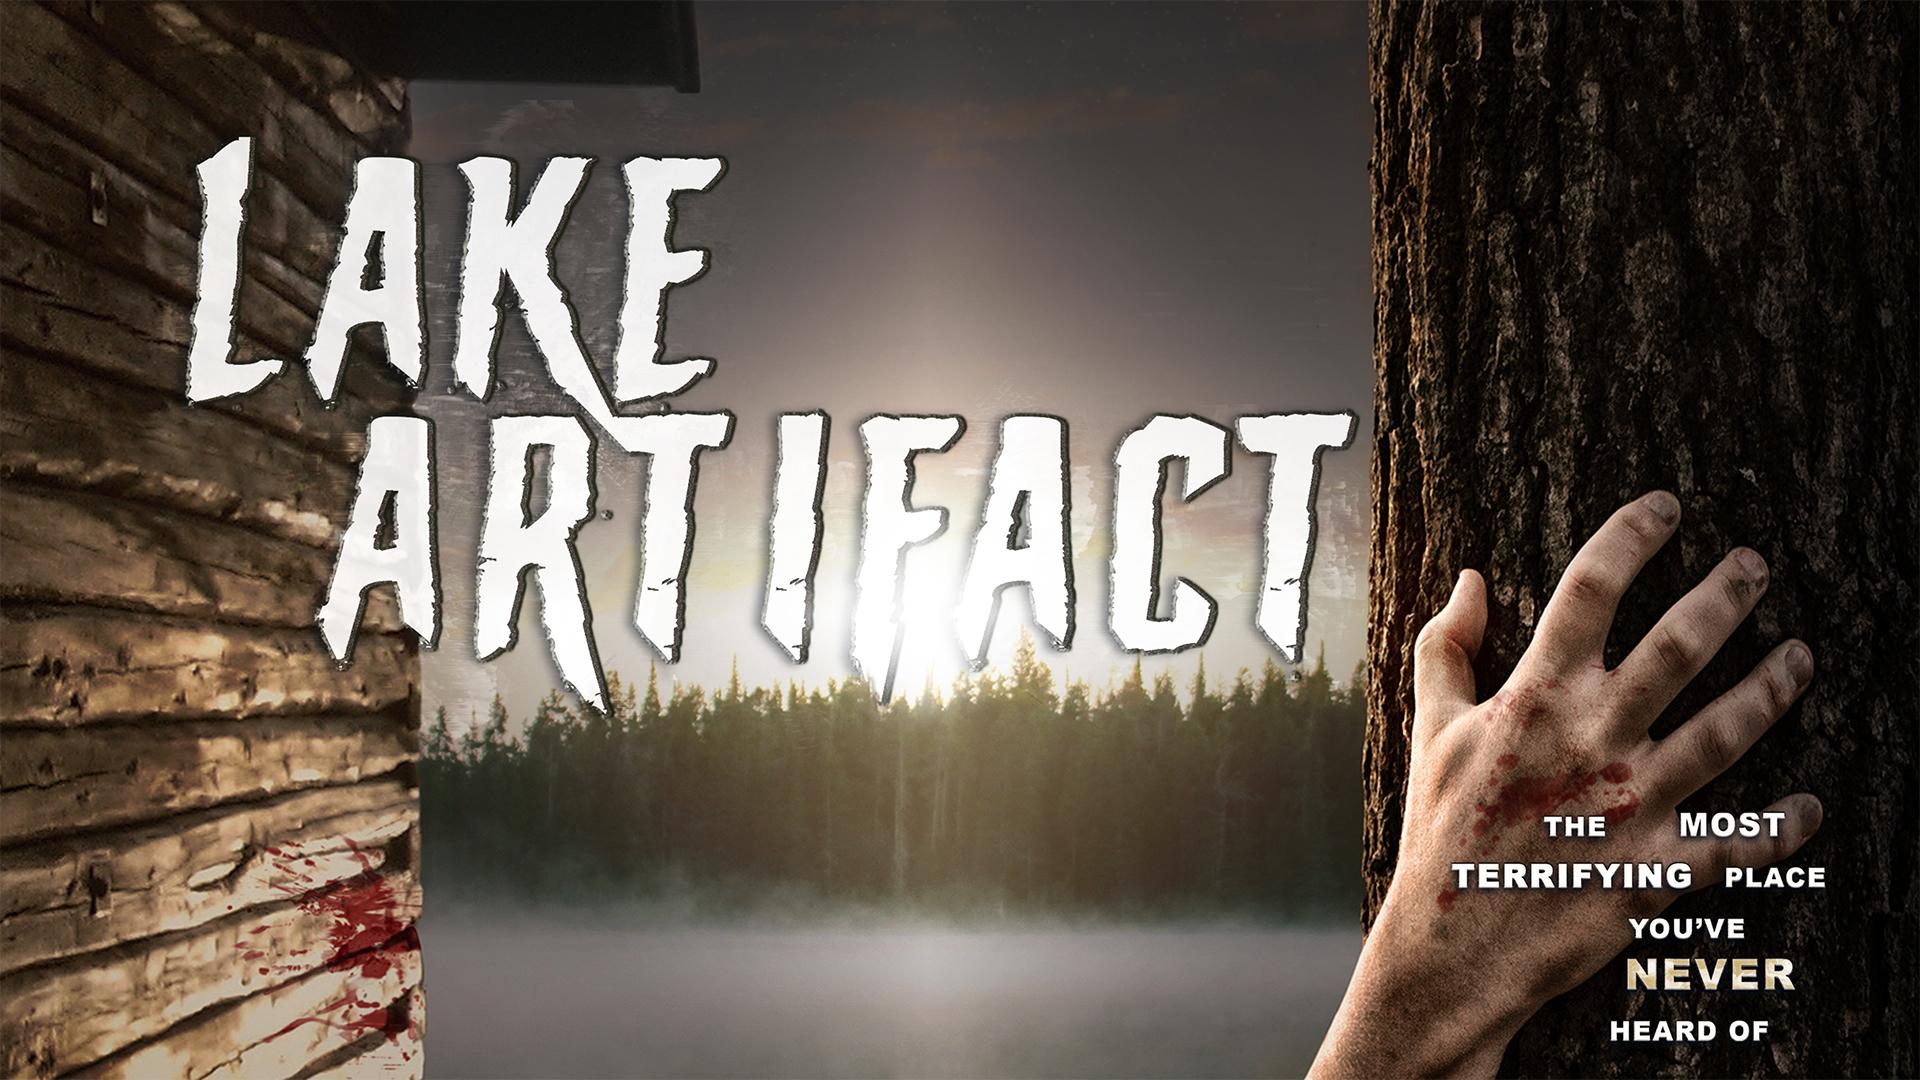 Lake Artifact